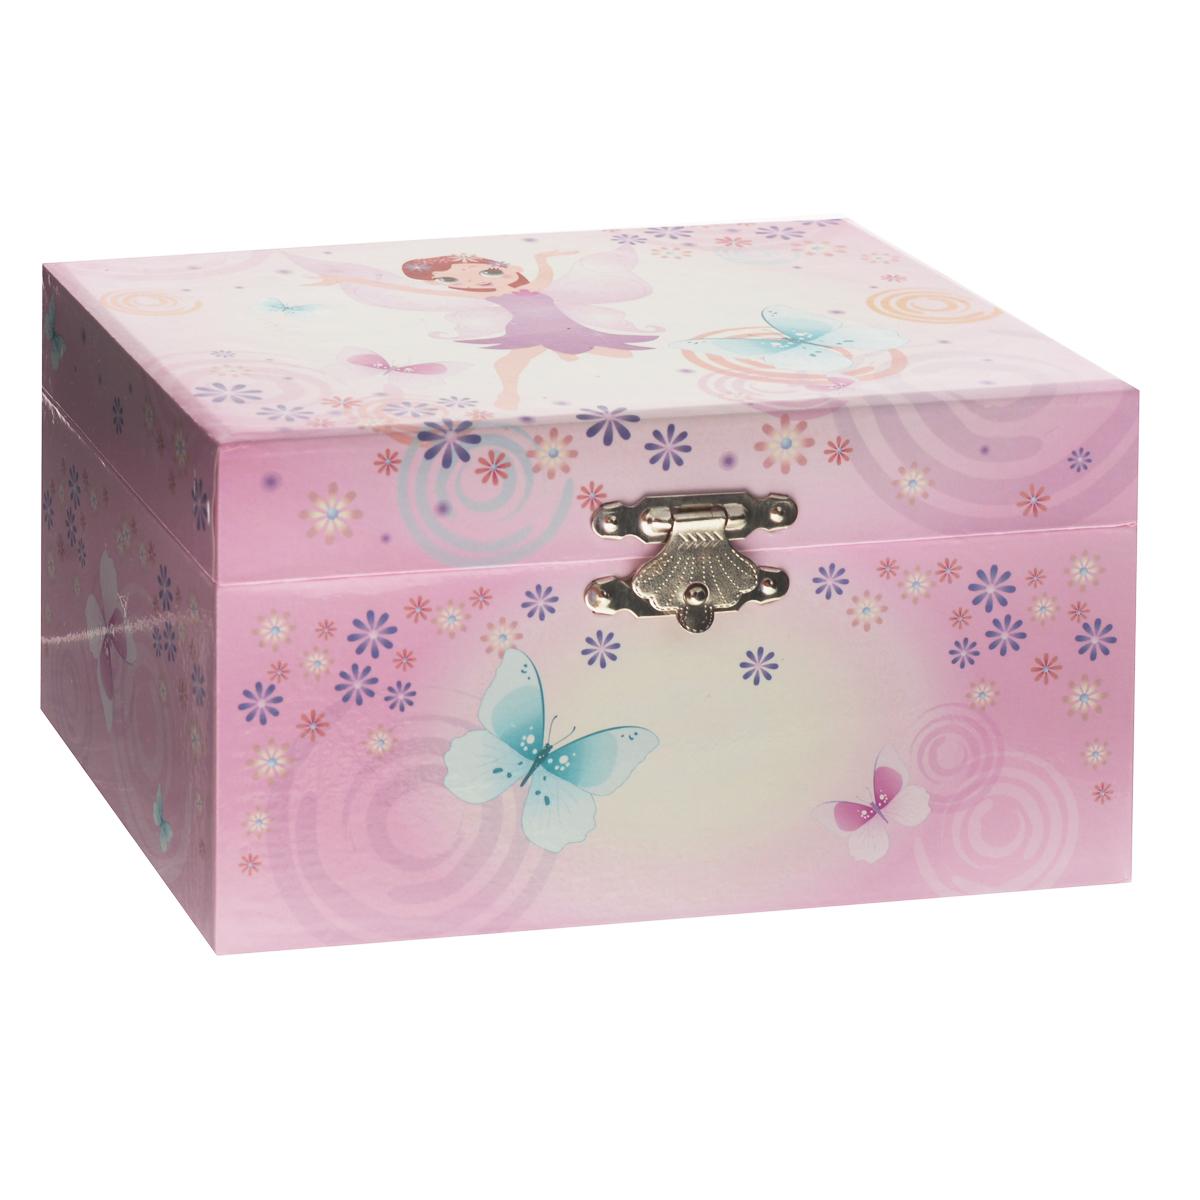 Музыкальная шкатулка Jakos Воздушная фея, цвет: розовый50000_воздушная феяМузыкальная шкатулка Jakos Воздушная фея непременно понравится вашей девочке! Малышка сможет хранить в ней украшения, дорогие ей мелочи и свои секреты. Шкатулка украшена милым рисунком, изображающим очаровательную фею на фоне цветов и бабочек. Шкатулка оформлена в нежных пастельных тонах и прекрасно впишется в любой интерьер. Внутри шкатулки расположено зеркальце, которое пригодиться каждой маленькой моднице, и фигурка феи на пружинке. Если открыть крышку, фигурка начнет кружиться и зазвучит приятная нежная музыка. Музыкальная шкатулка для украшений станет оригинальным и полезным подарком, и понравится любой девочке.